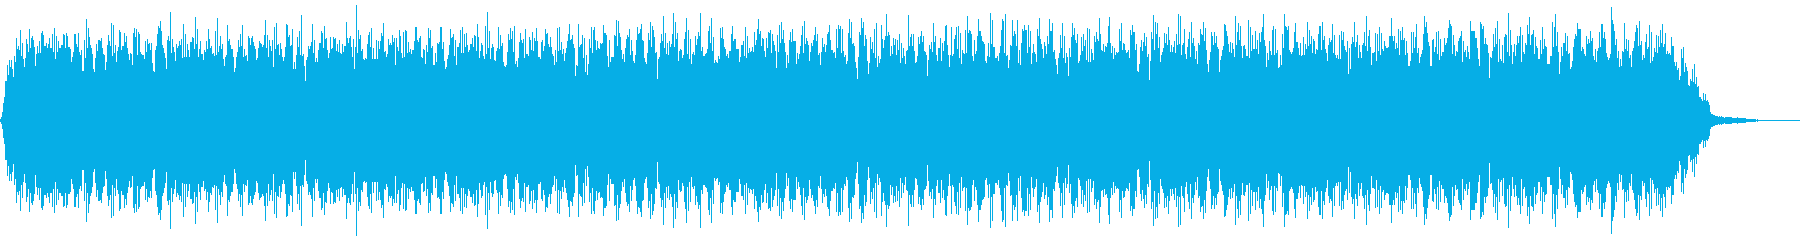 【アンビエント】ドローン_39 実験音の再生済みの波形